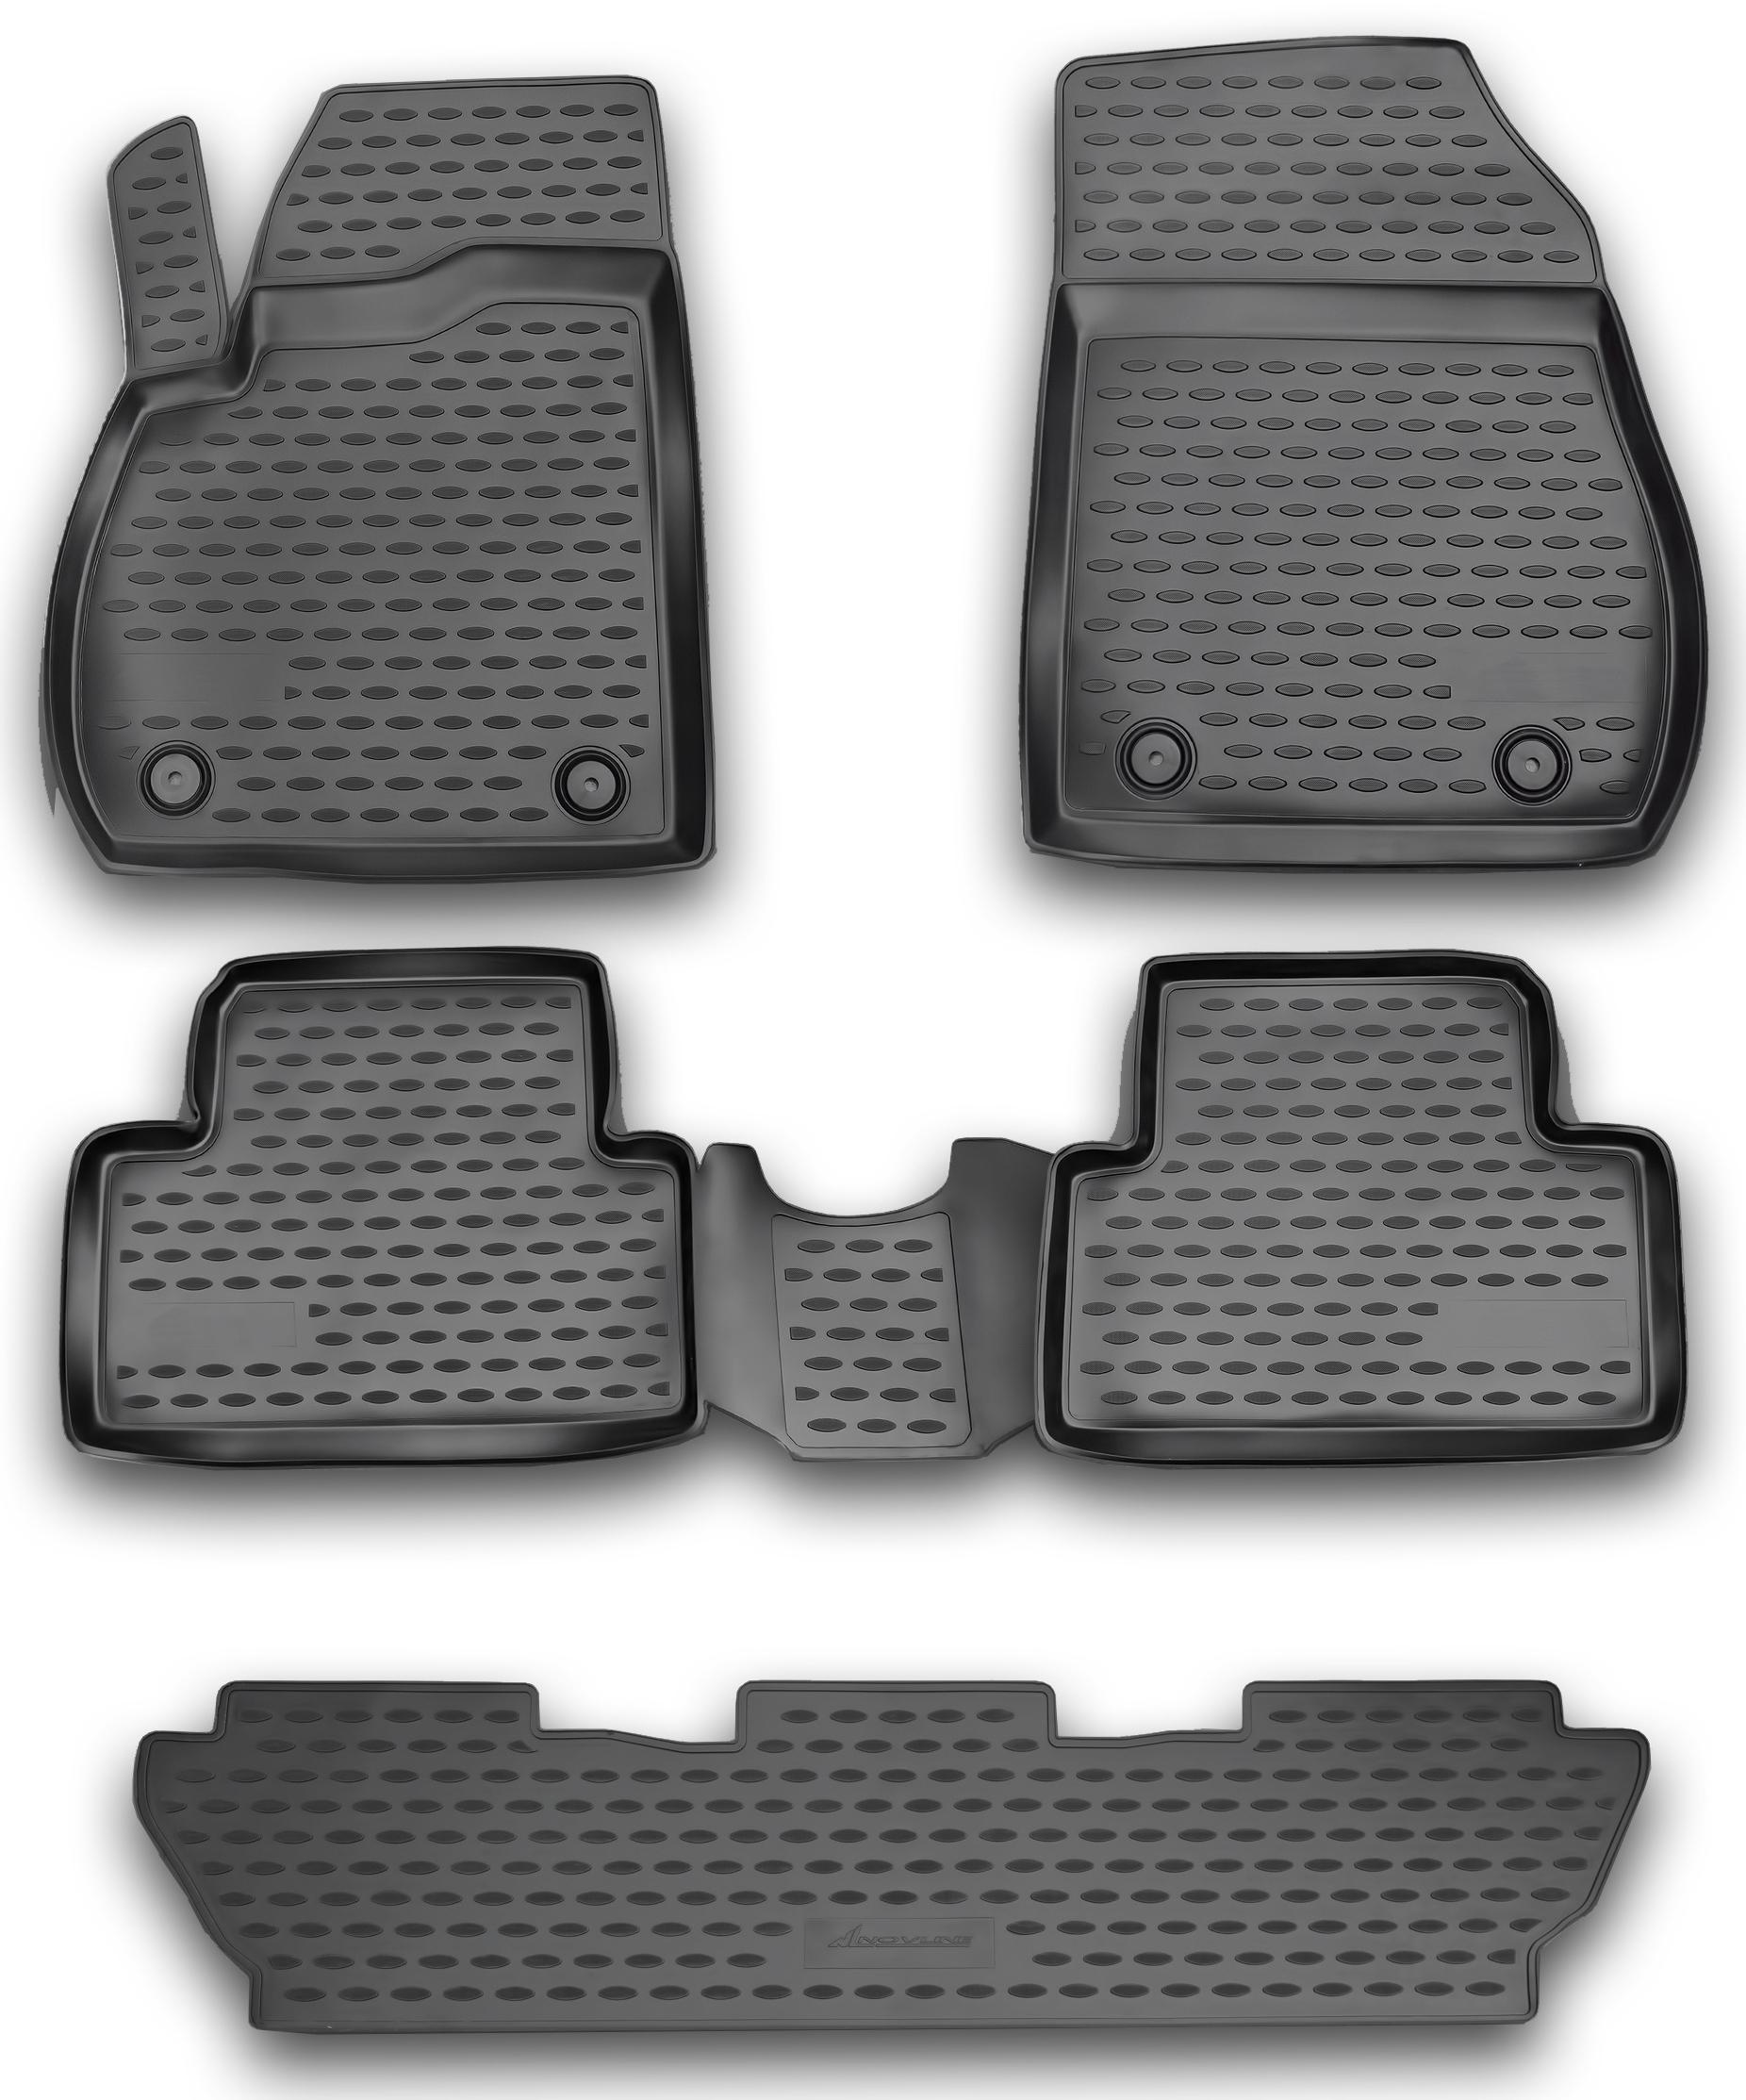 Opel Insignia 2 Gummimatten Gummi Fußmatten 5-teilig 3D Schalen Passform